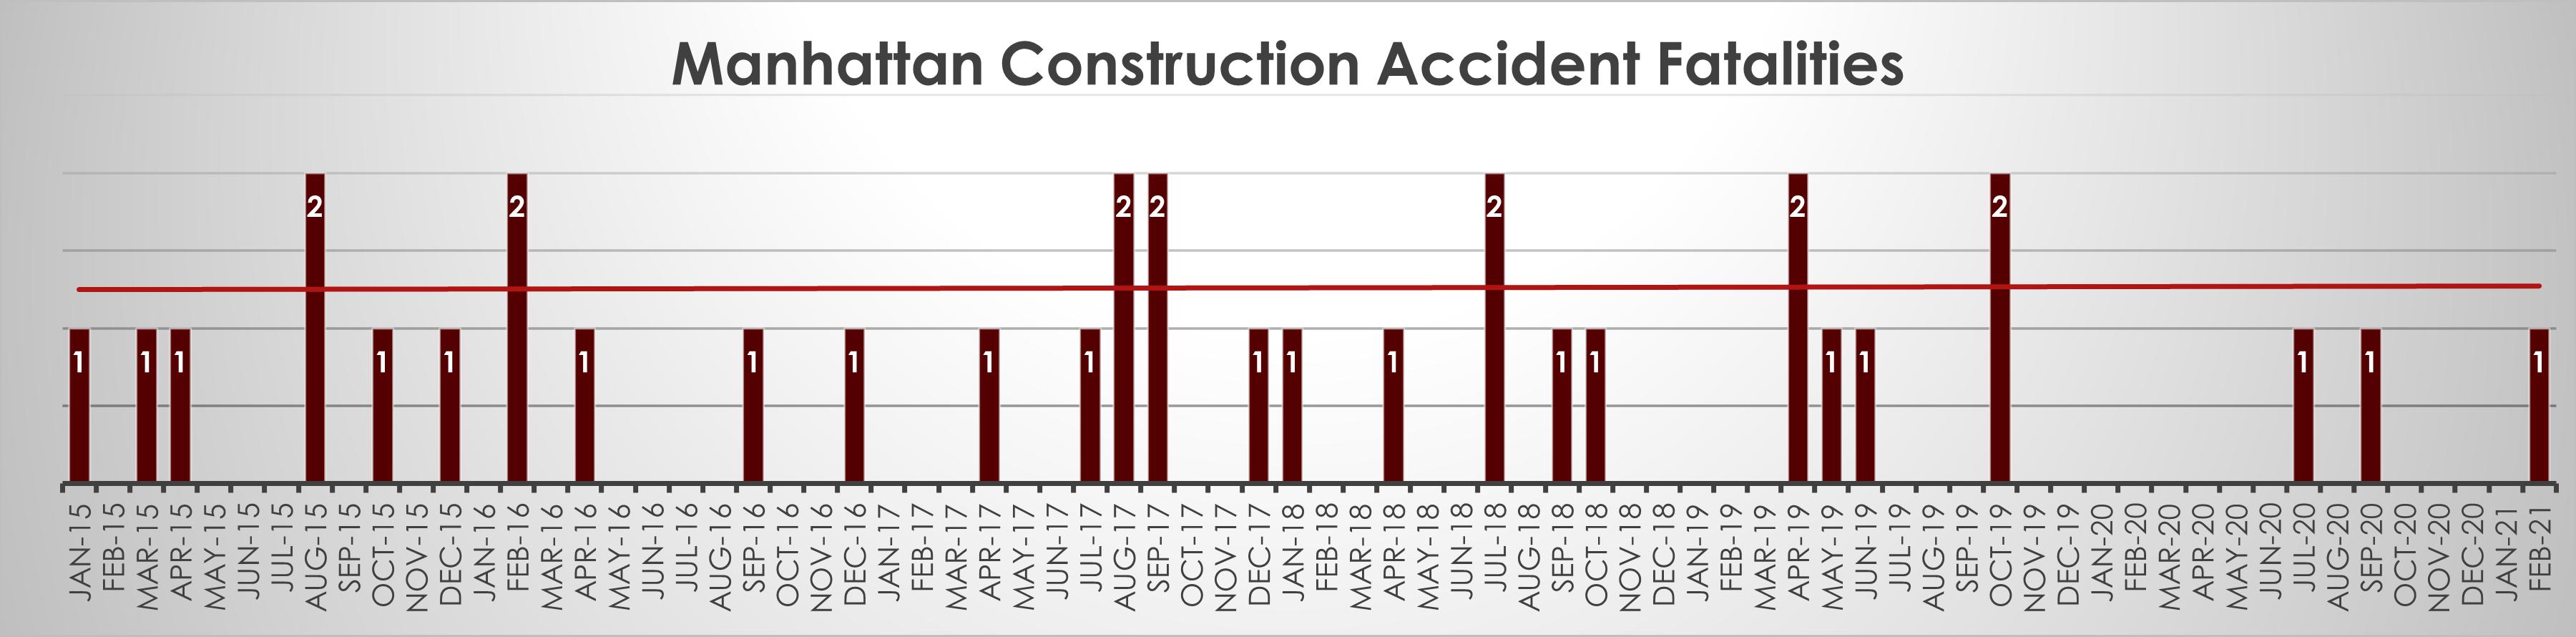 Manhattan Construction Accident Deaths